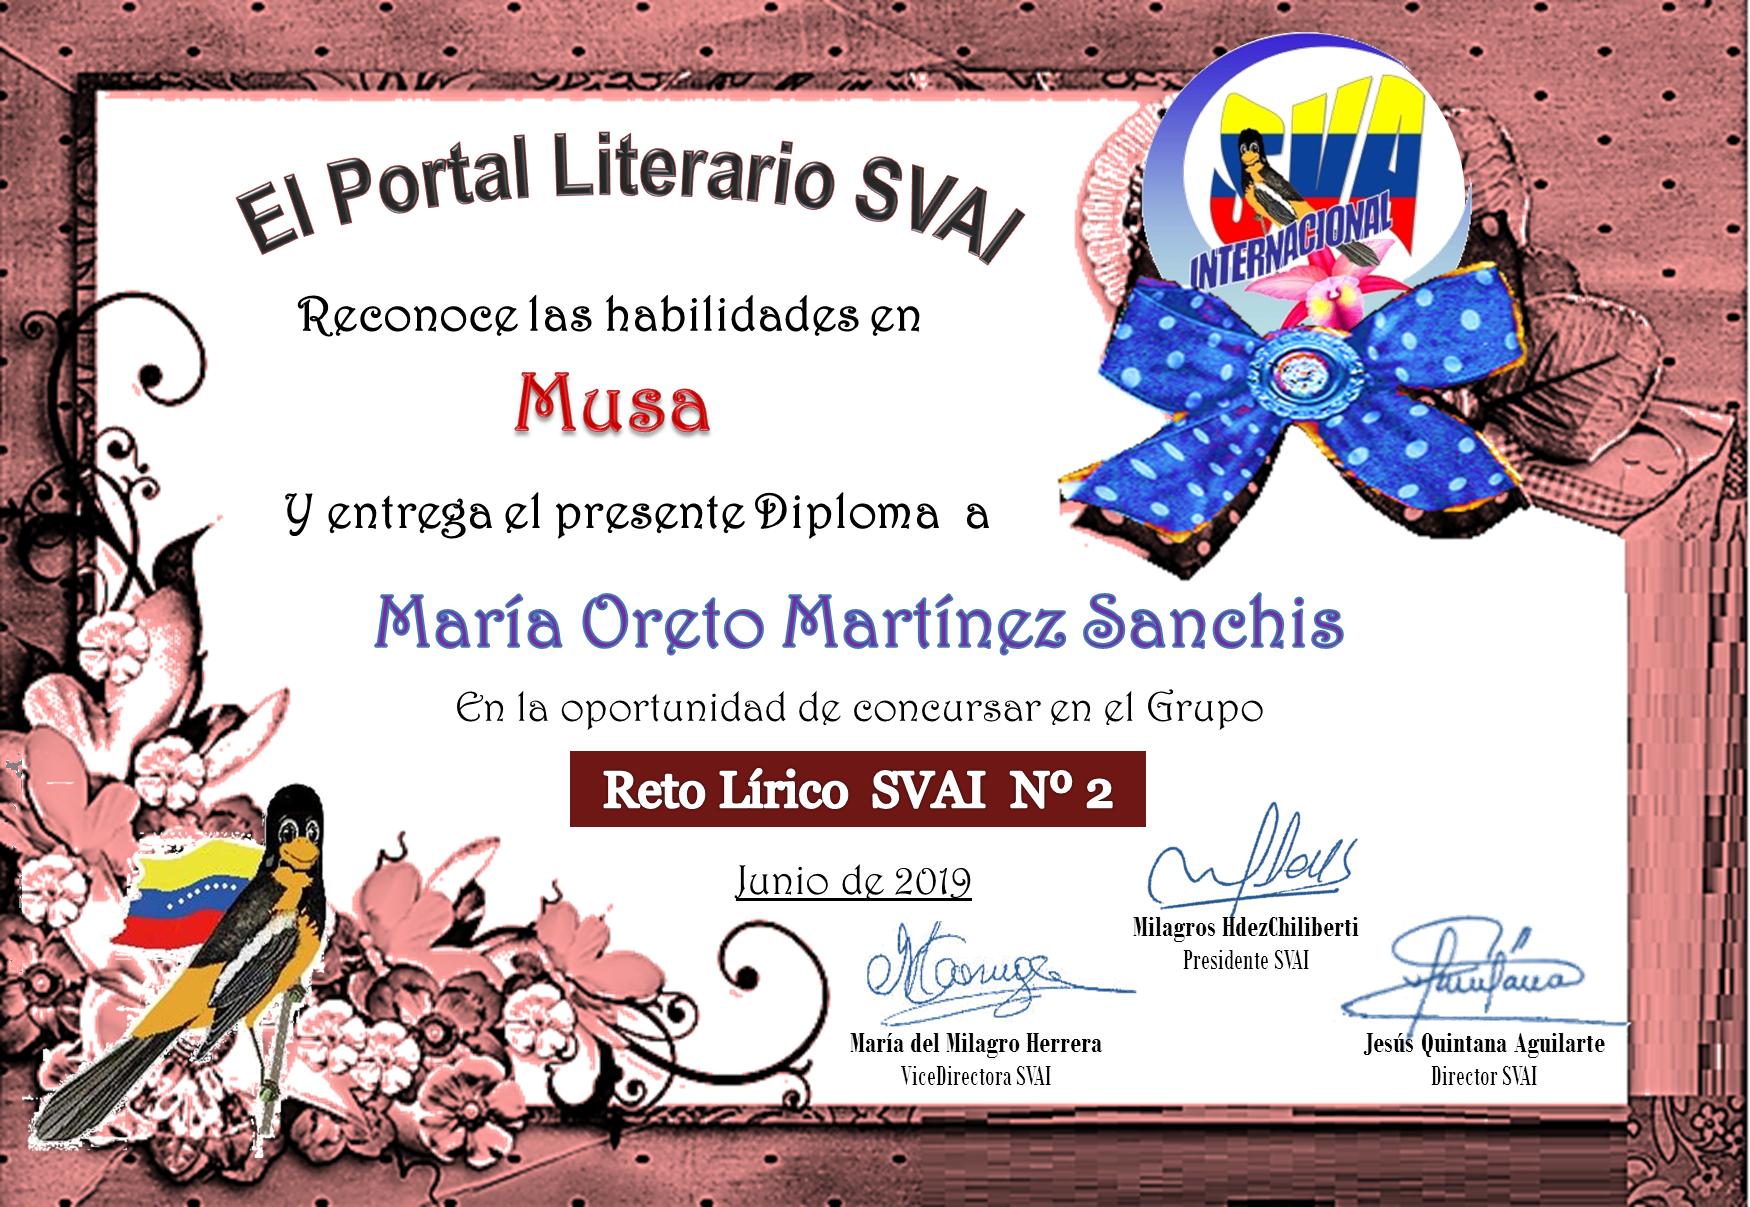 MARÍA ORETO MARTÍNEZ SANCHIS